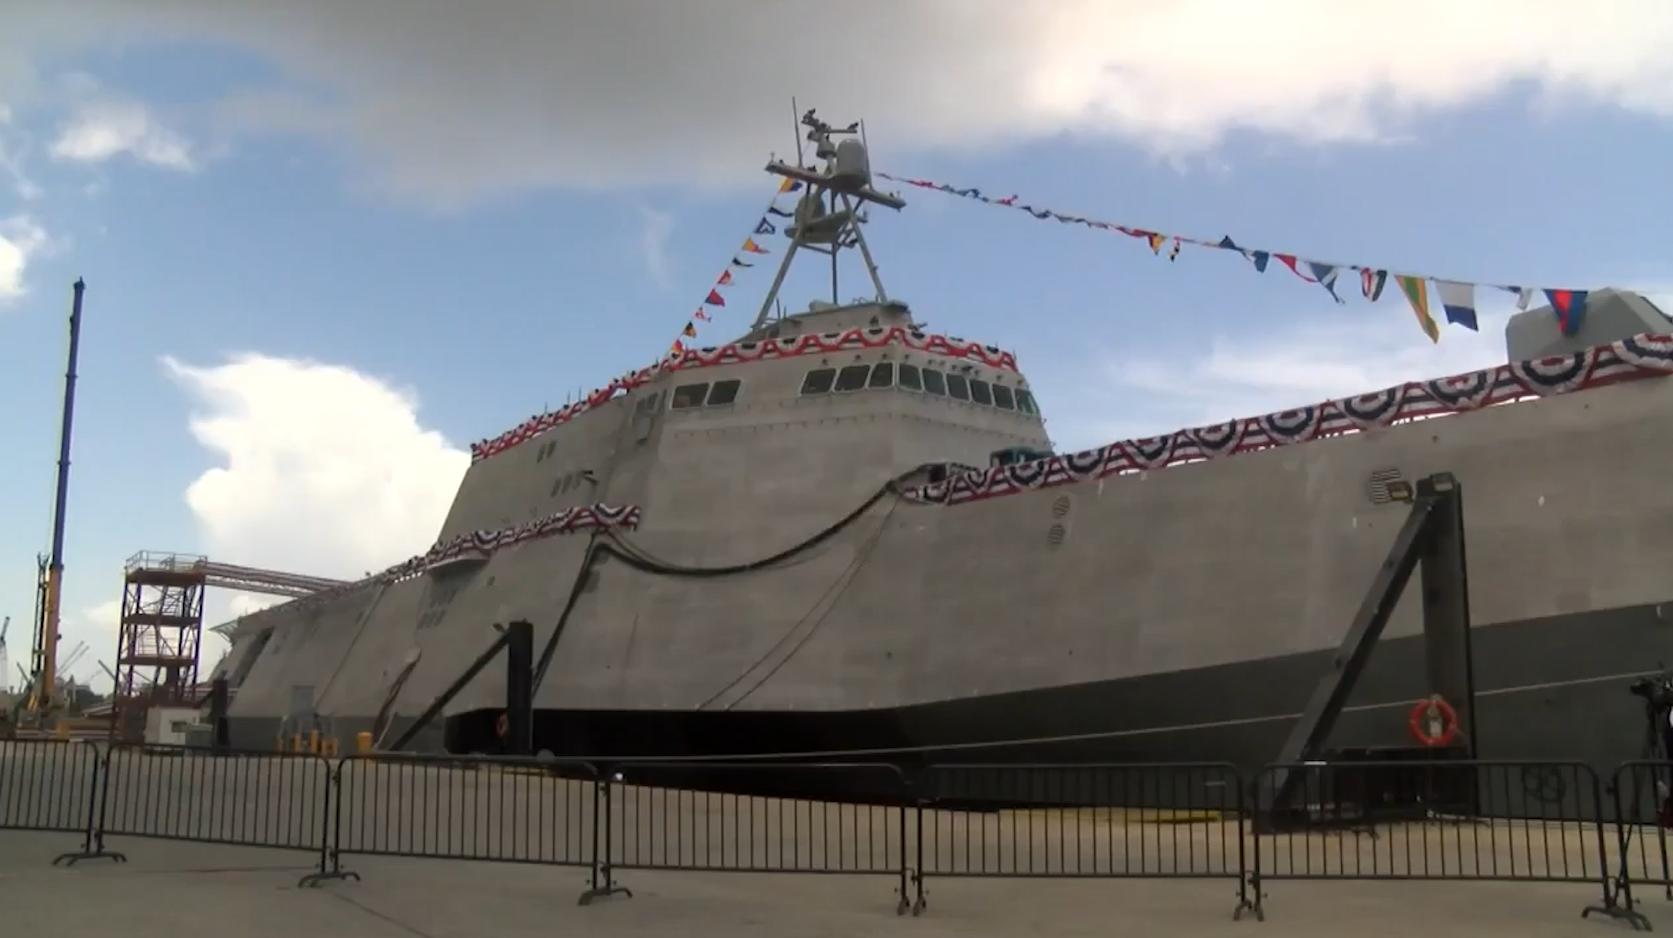 البحرية الأمريكية تُدخل سفينة بـ475 مليون دولار الخدمة وسط زوبعة من الجدل